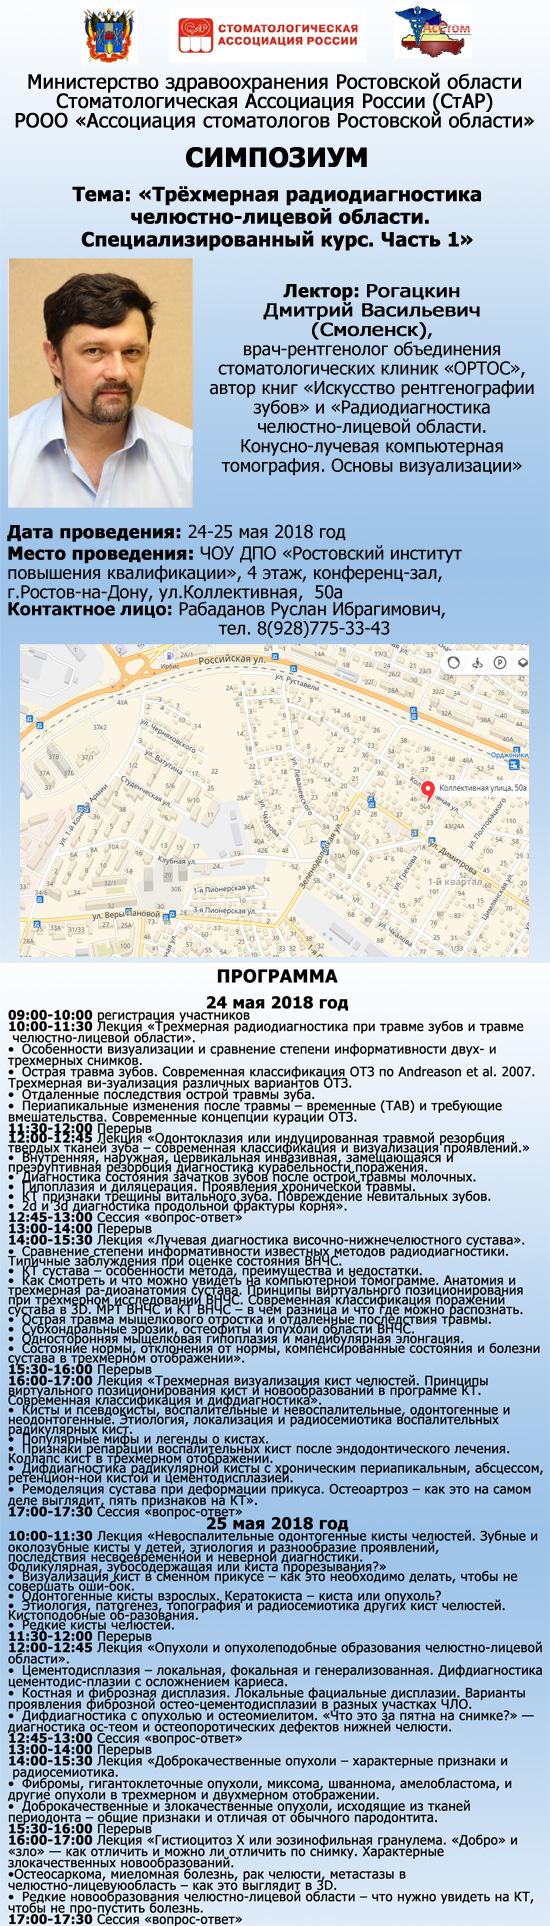 Рогацкин-14052018-совм-ум